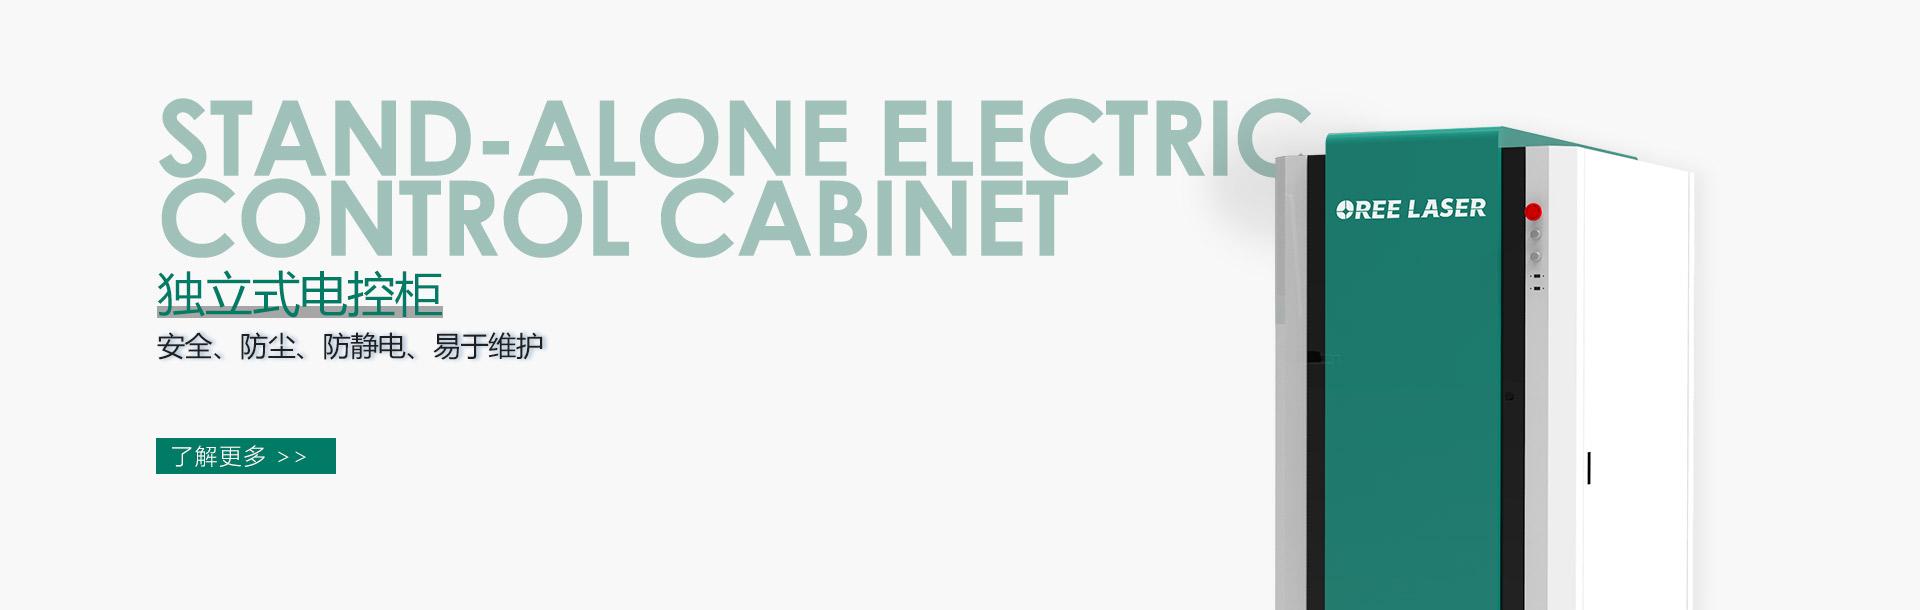 独立式电控柜